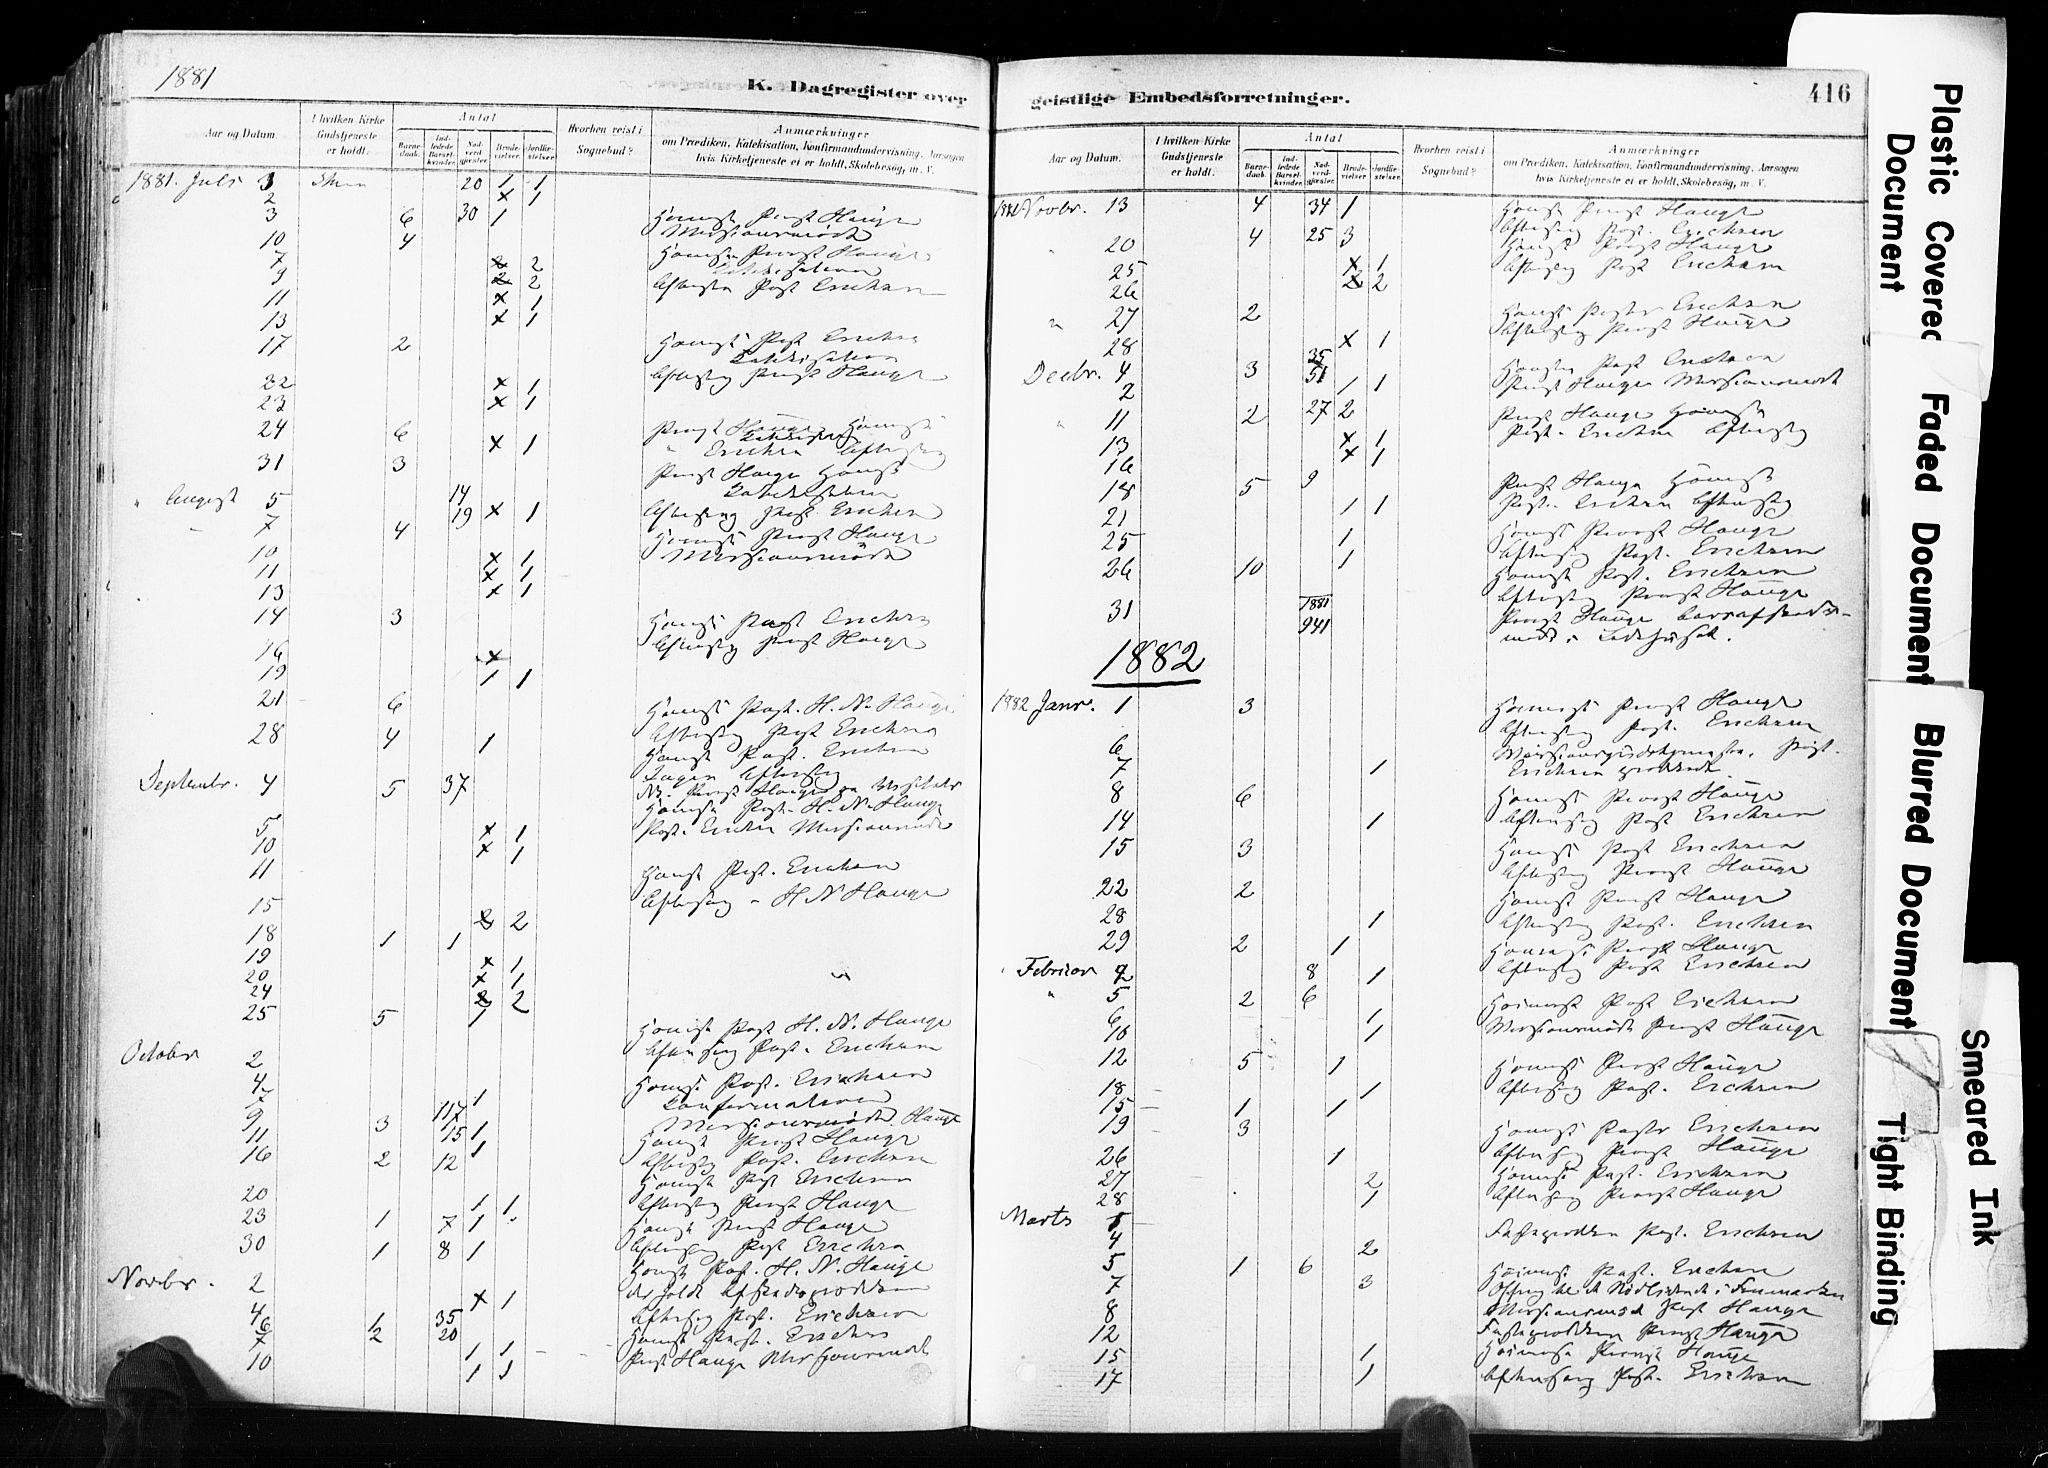 SAKO, Skien kirkebøker, F/Fa/L0009: Ministerialbok nr. 9, 1878-1890, s. 416